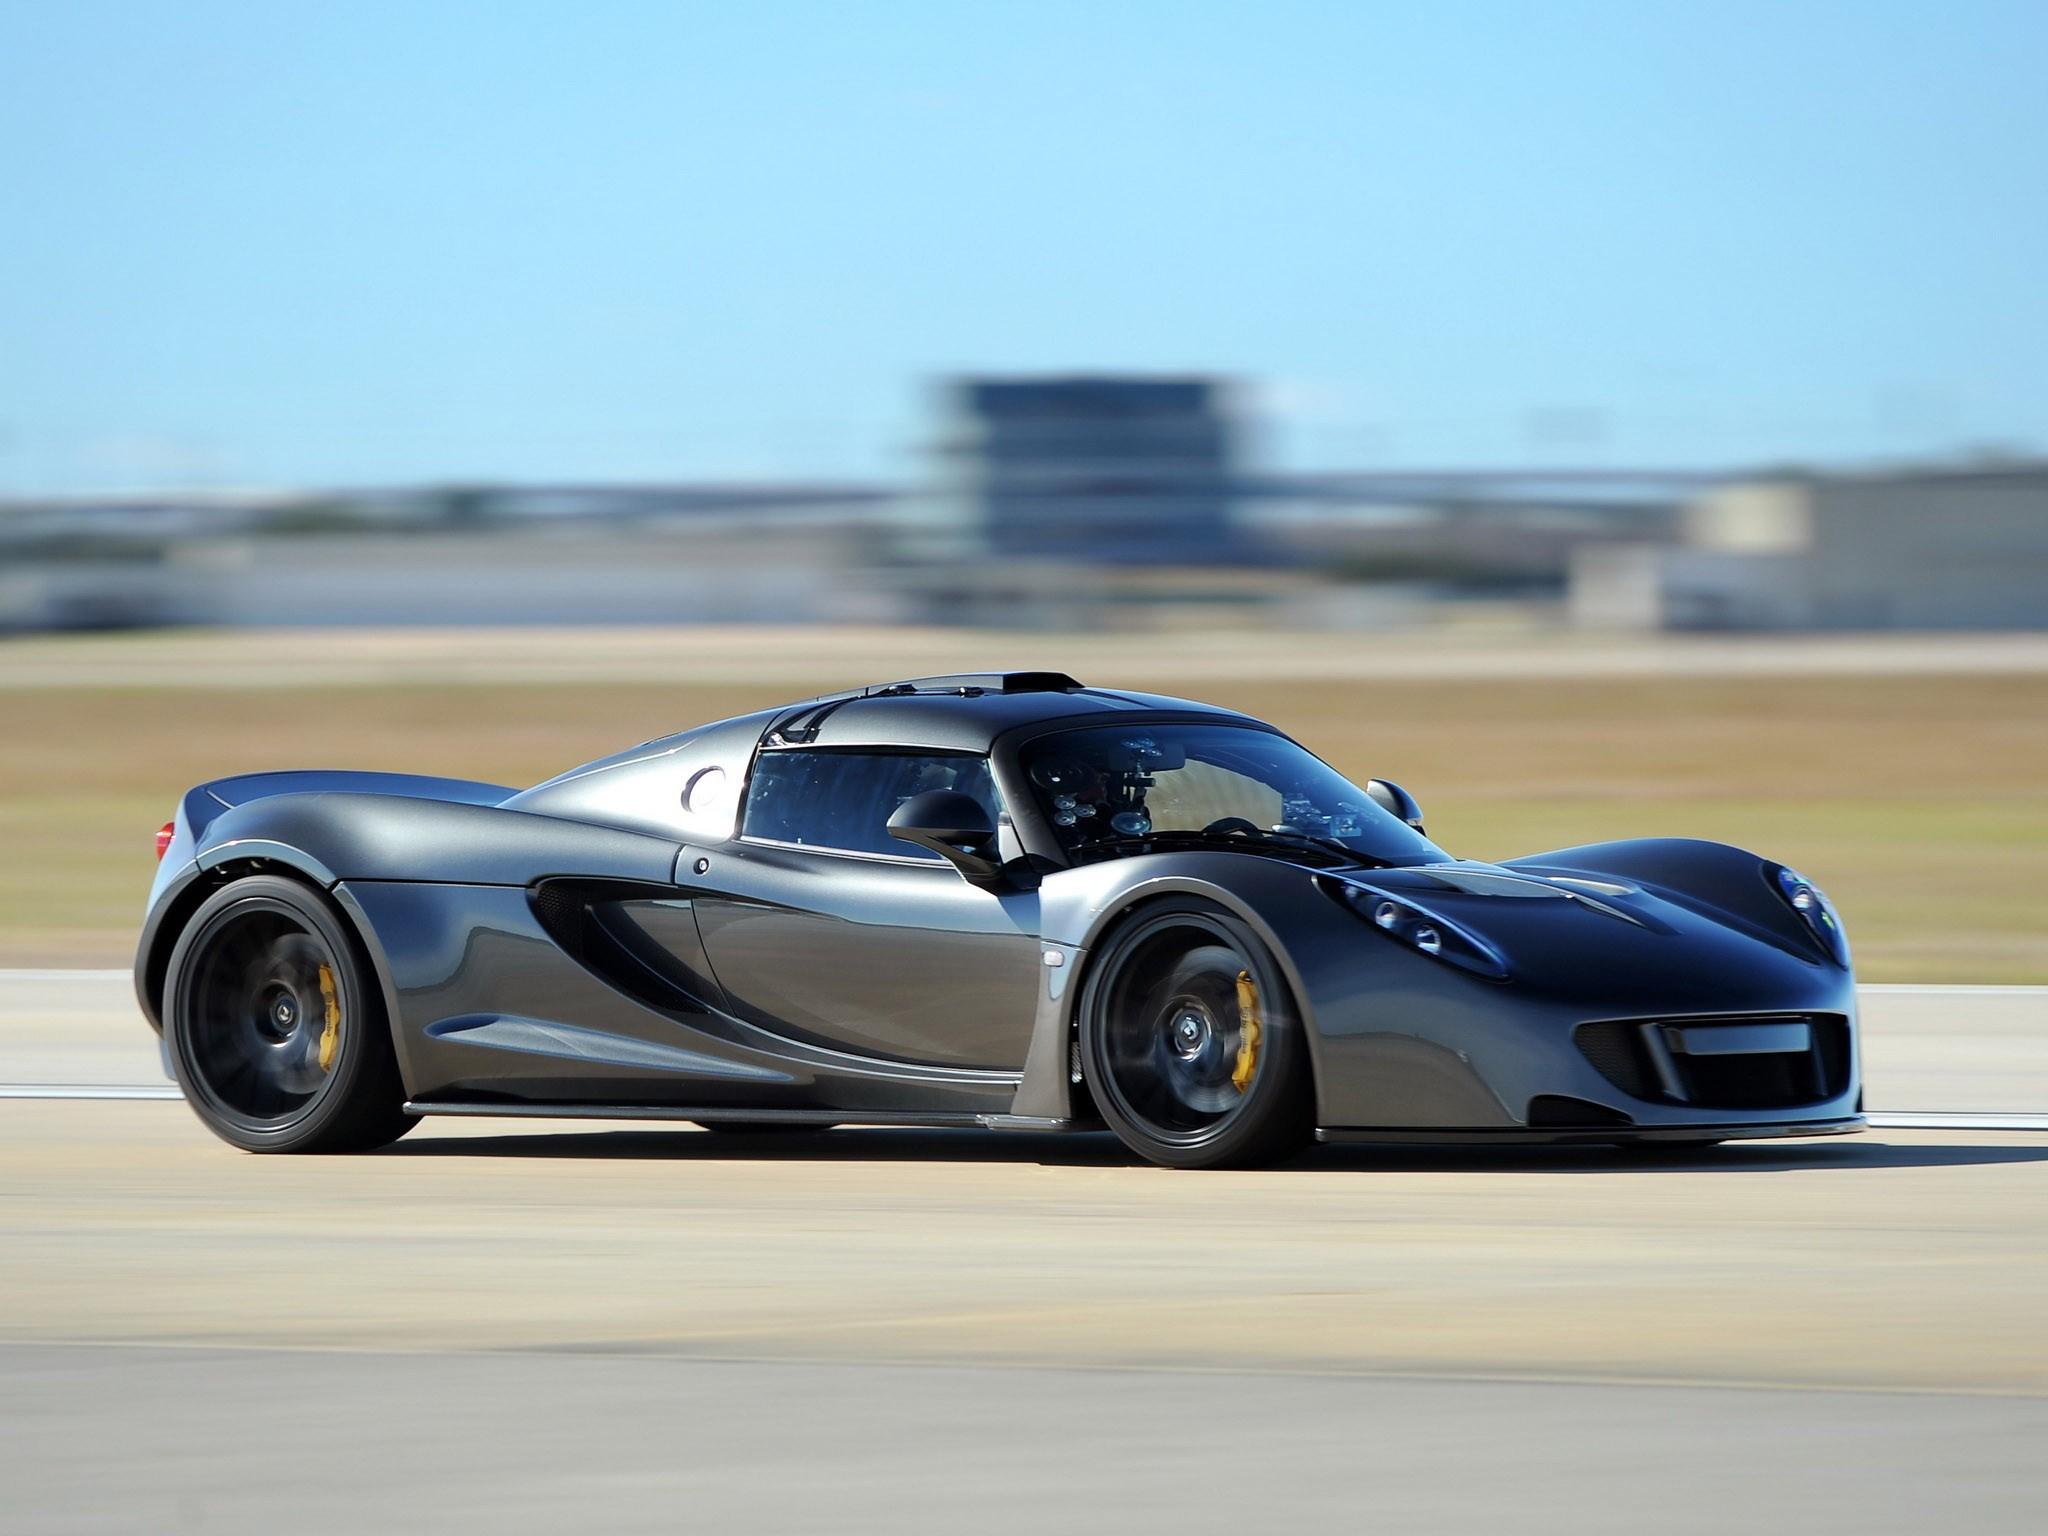 2013 Hennessey - Venom GT